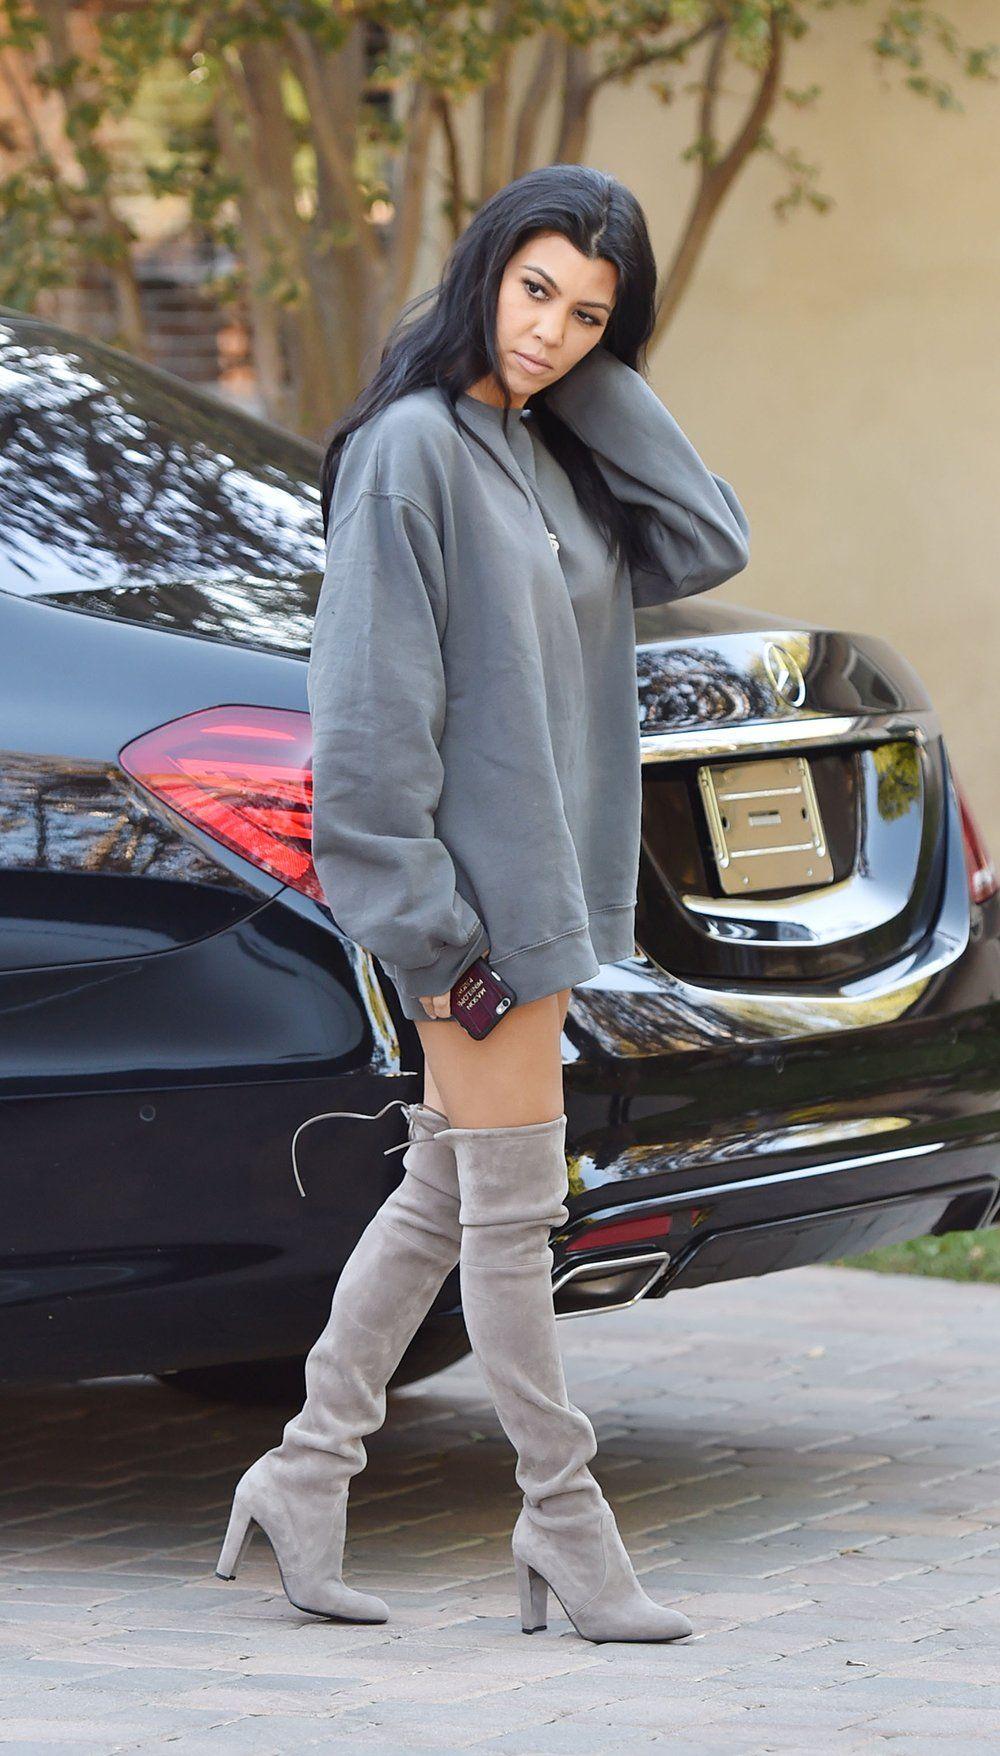 a879b85a9a9d Oversized Tops + Thigh-High Boots - Kourtney Kardashian Official Site